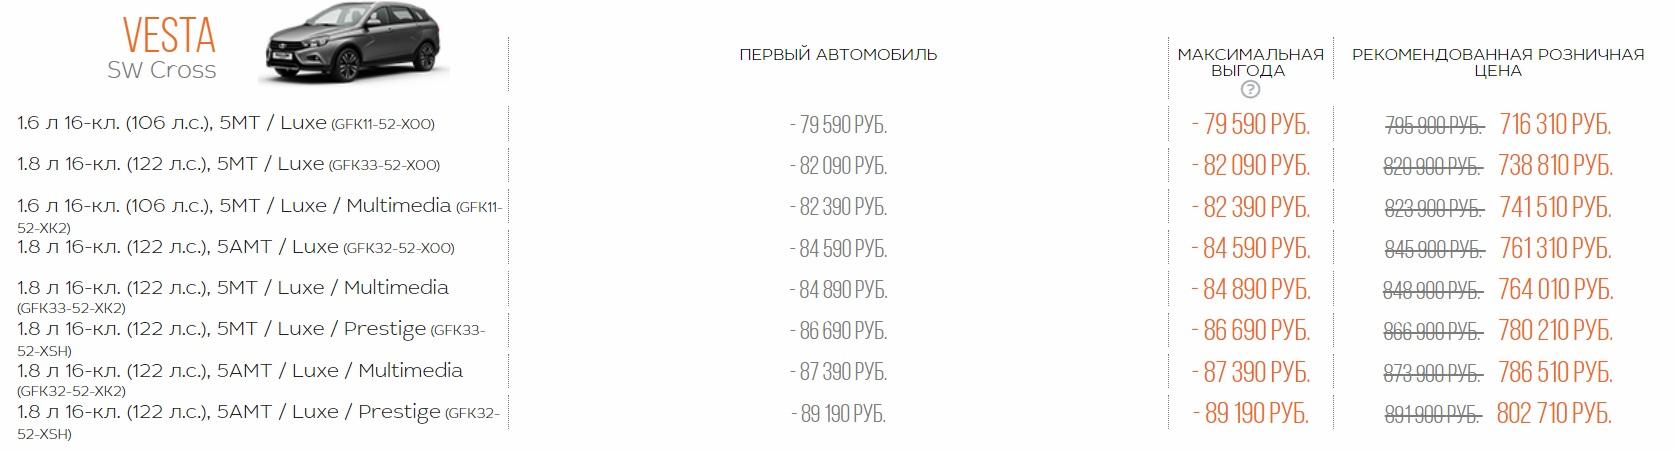 5000 рублей срочно на карту